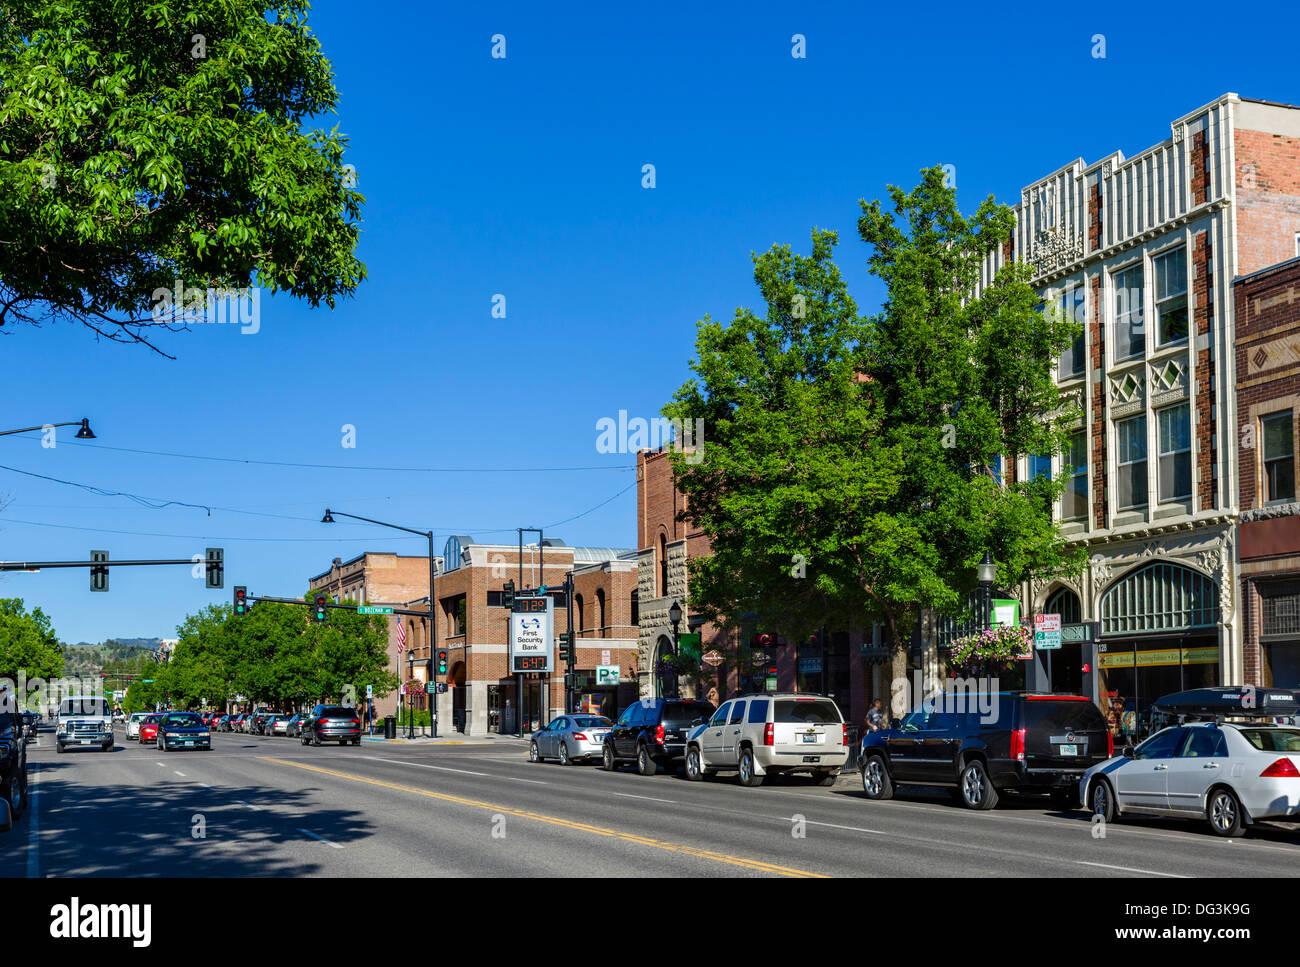 Main Street en el centro de la ciudad de Bozeman, Montana, EE.UU. Imagen De Stock